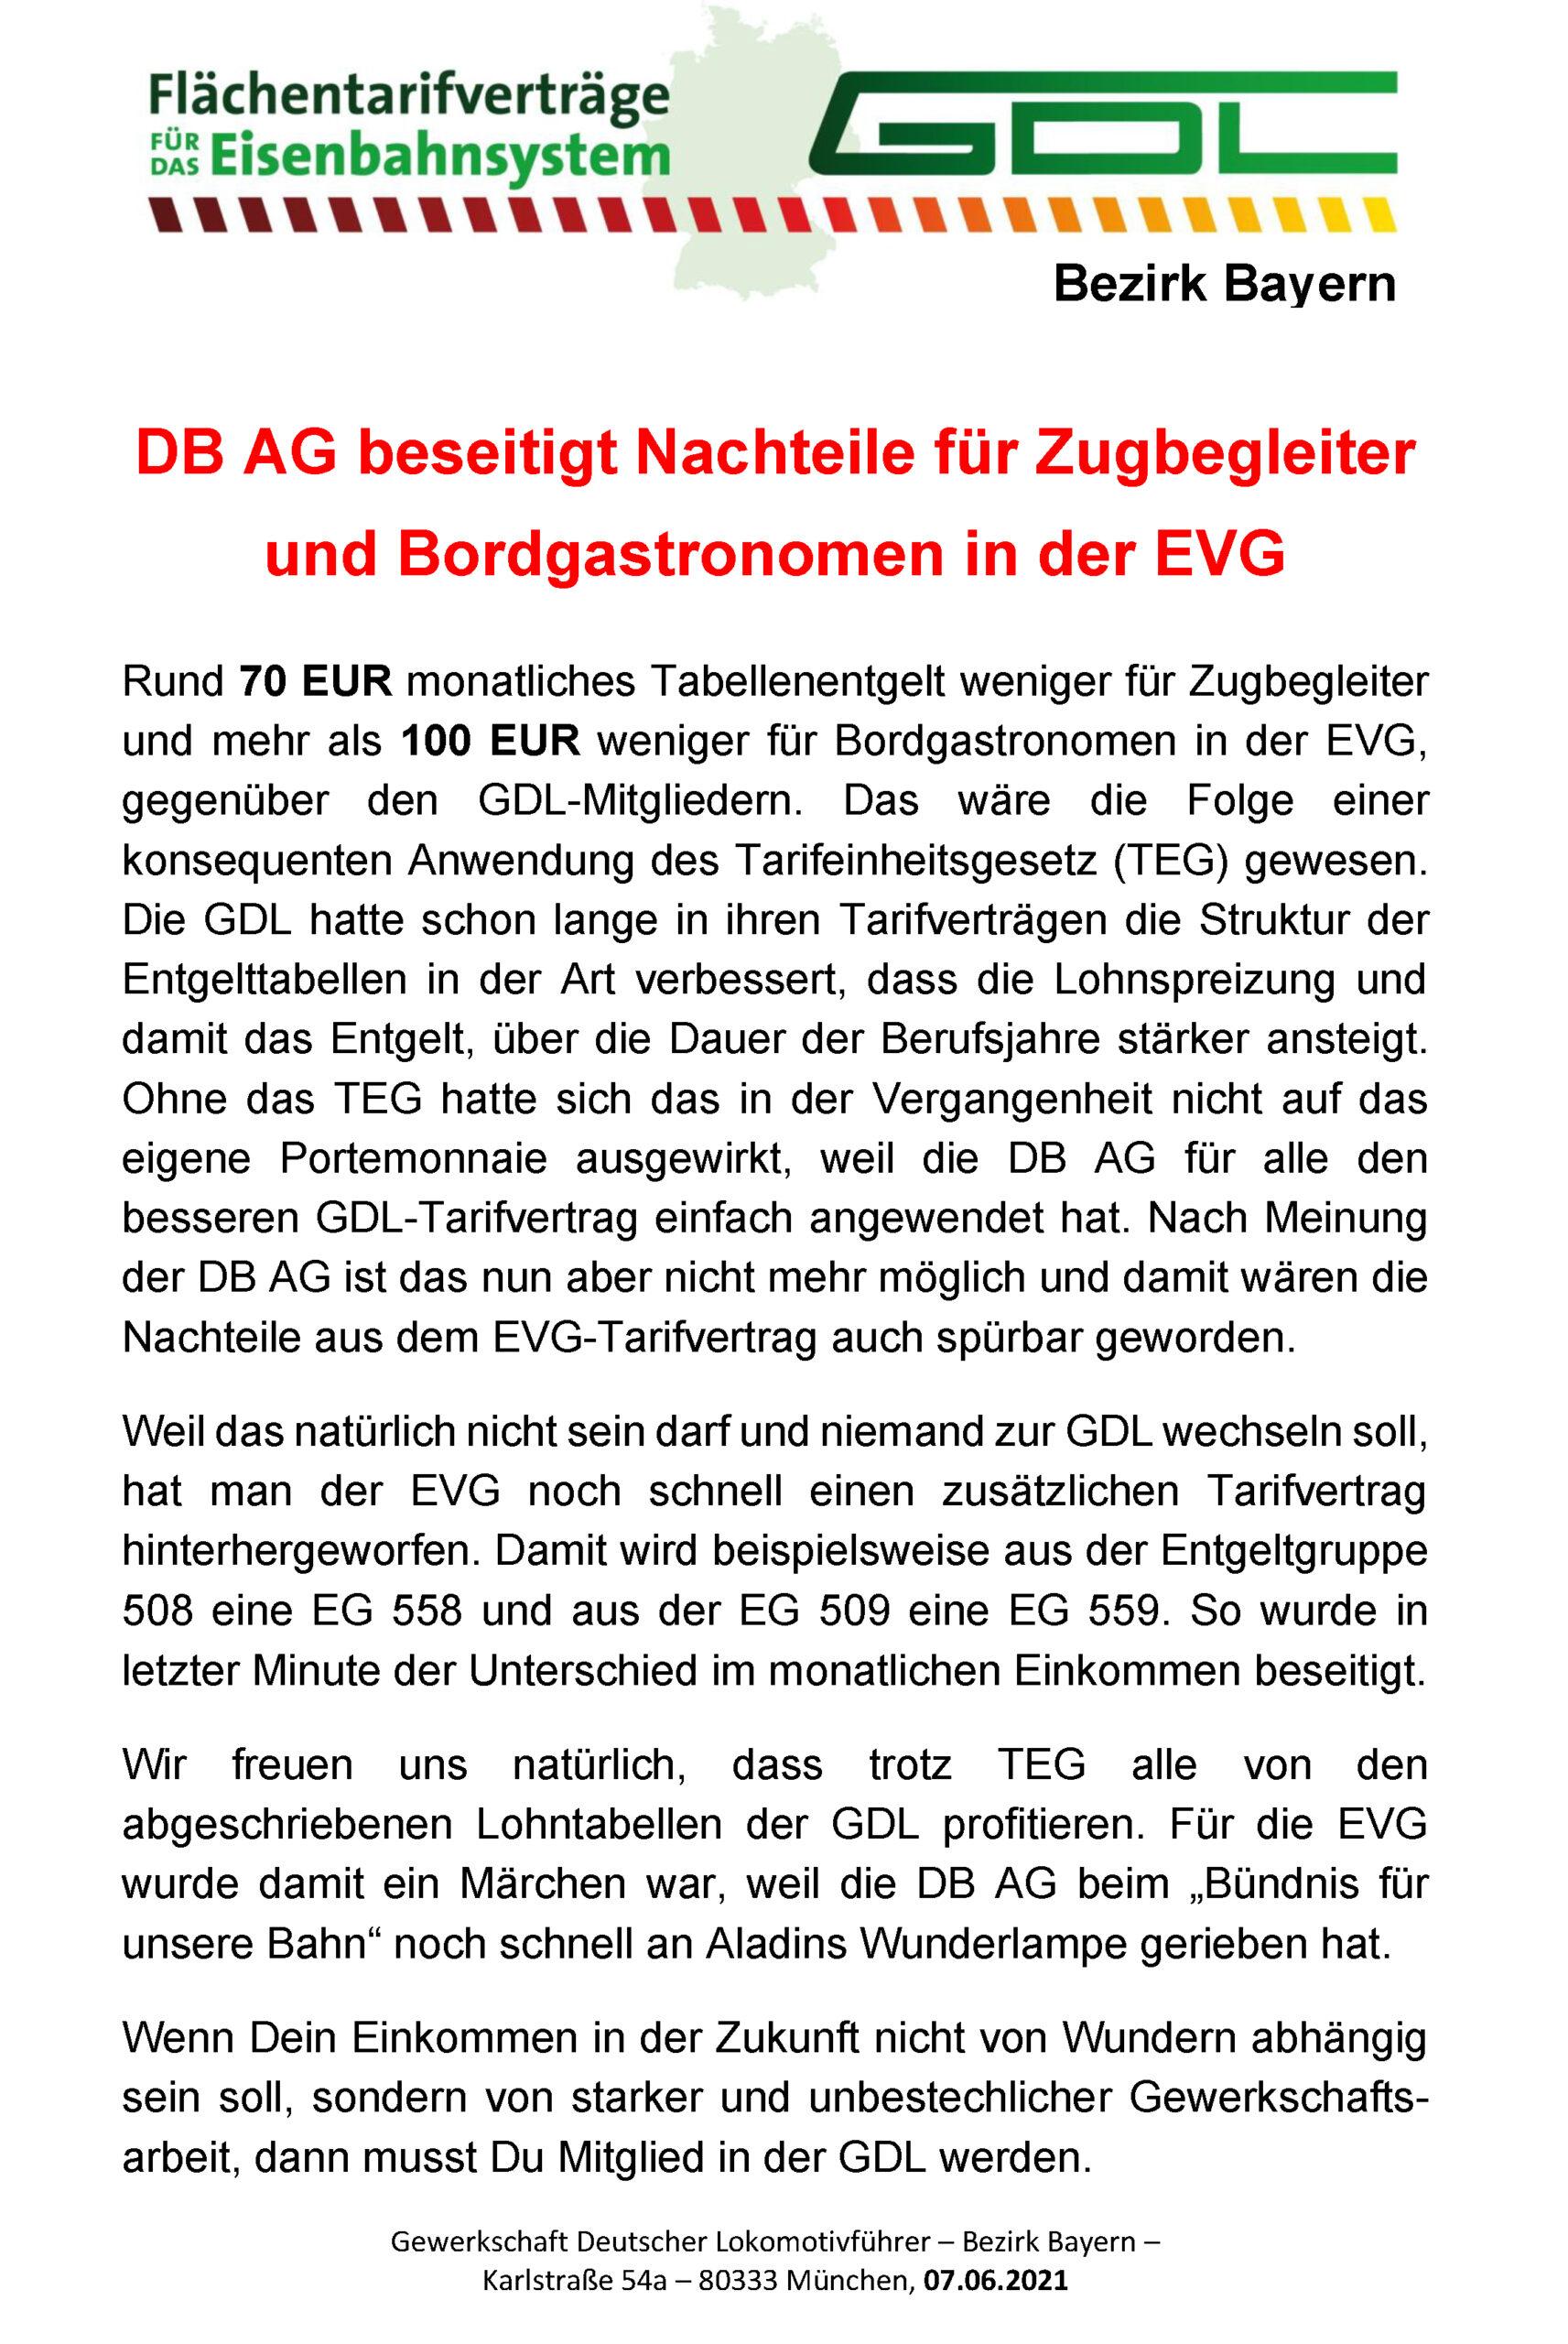 DB AG beseitigt Nachteile für Zugbegleiter und Bordgastronomen in der EVG